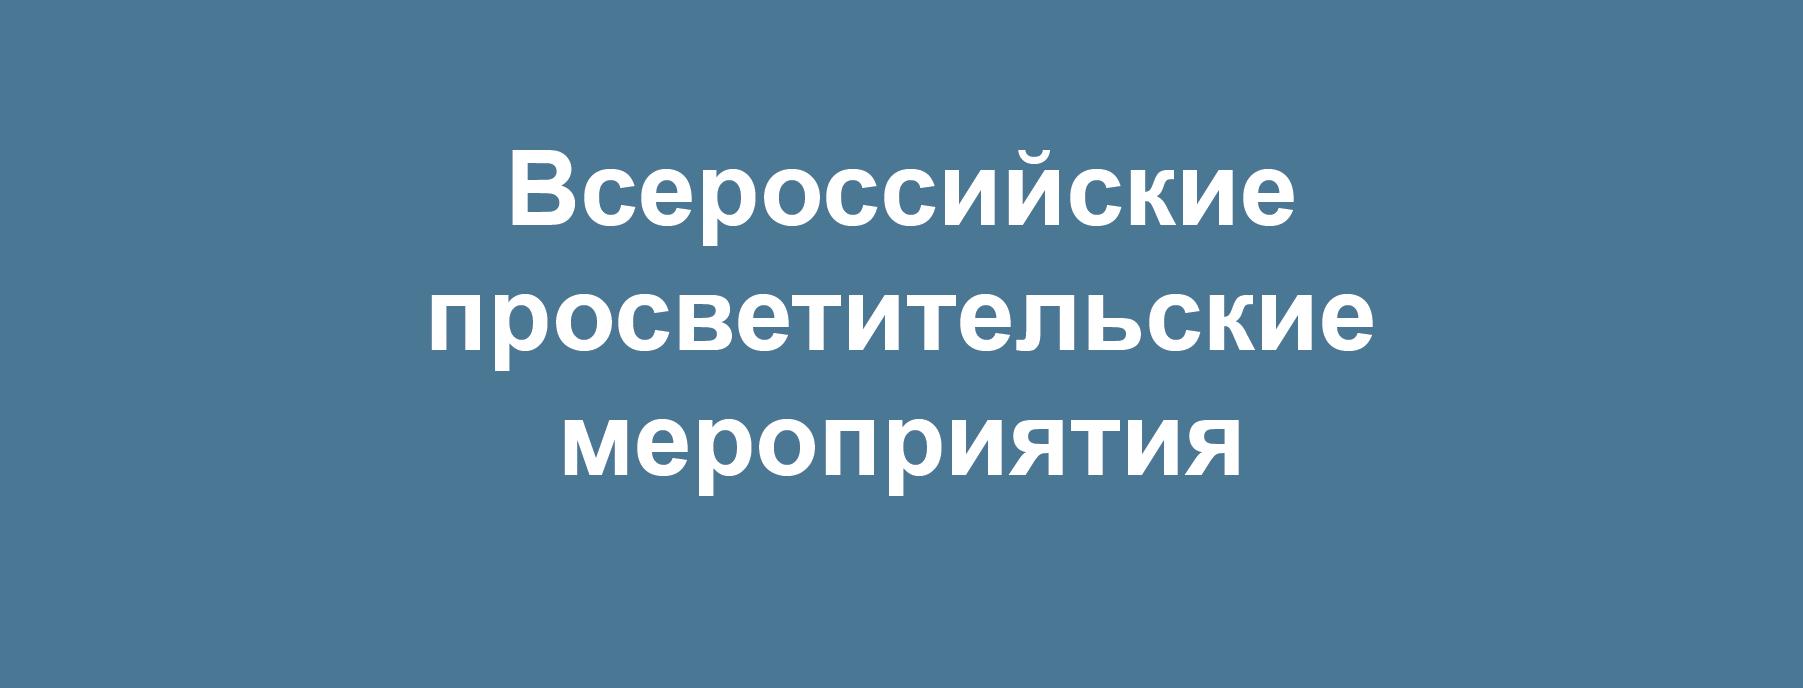 Всероссийские просветительские мероприятия